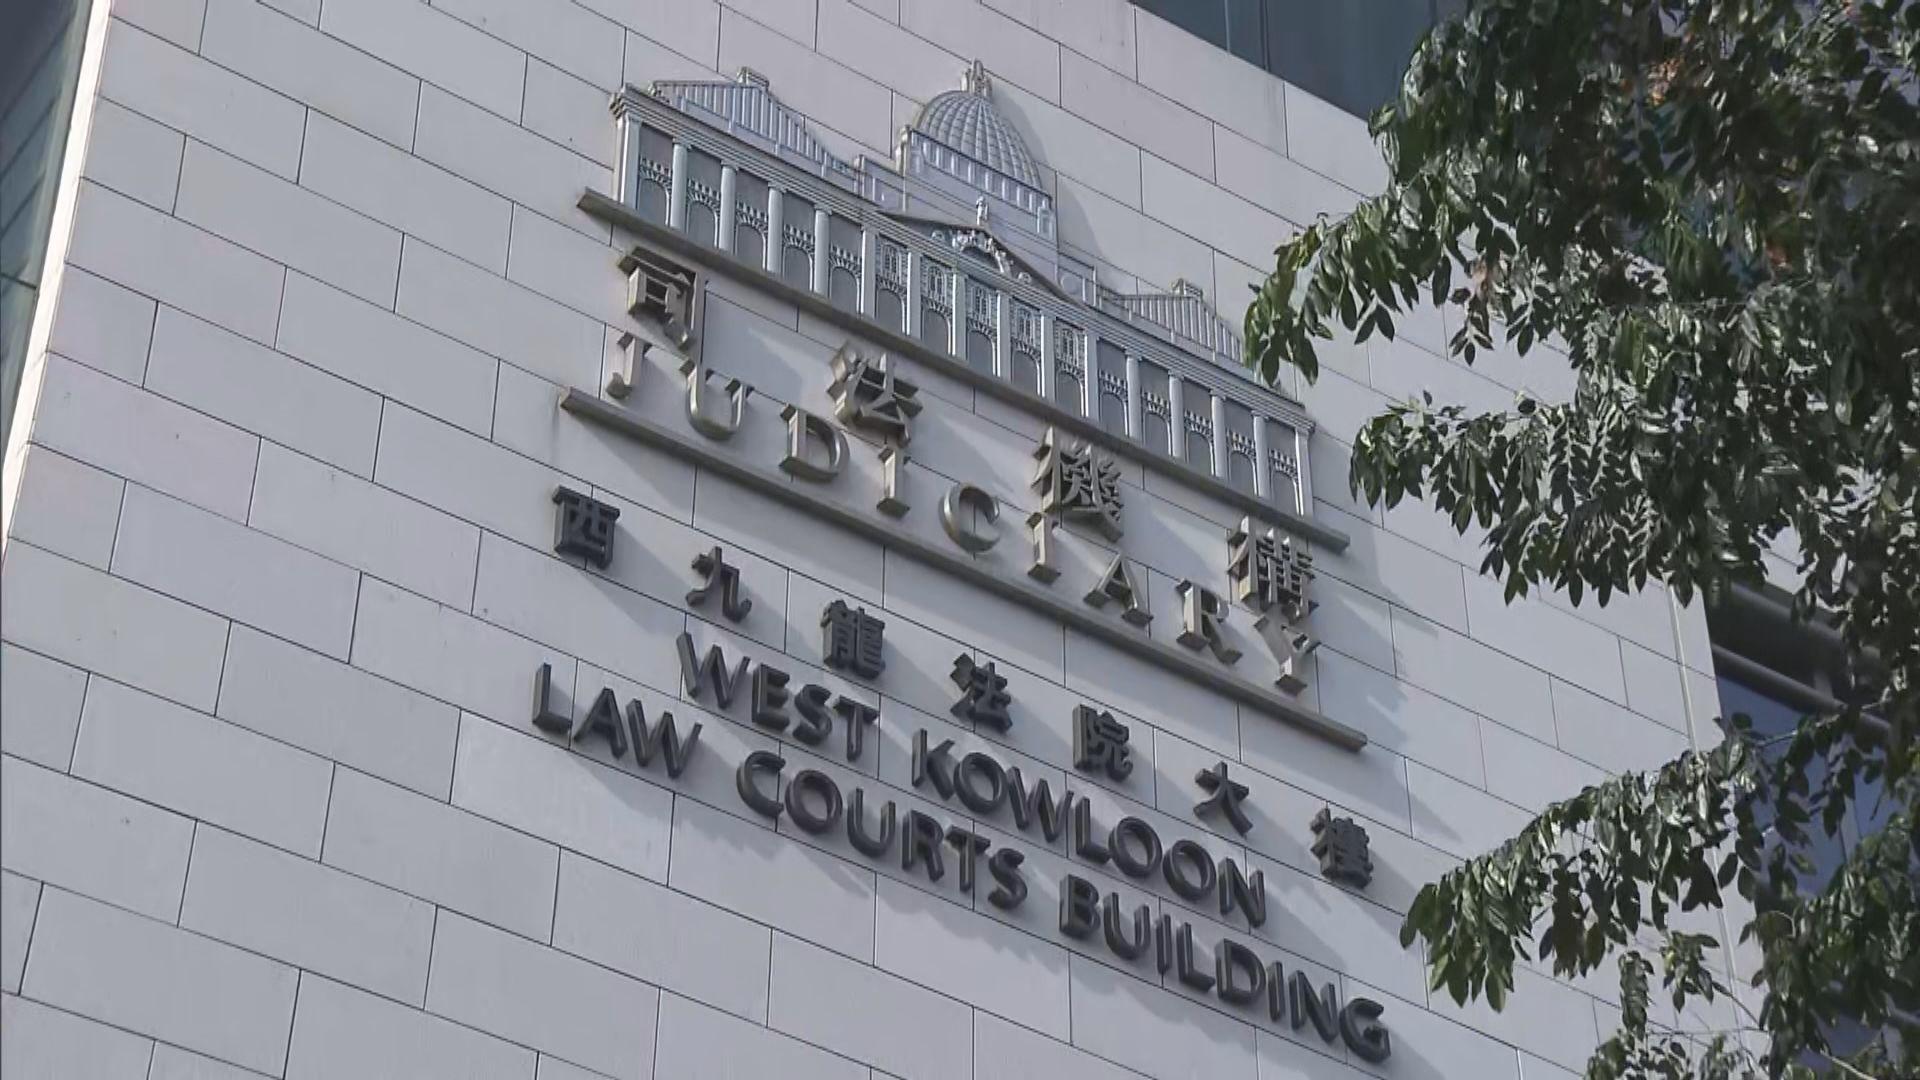 初選案涉串謀顛覆國家政權罪 袁嘉蔚申請保釋再度被拒